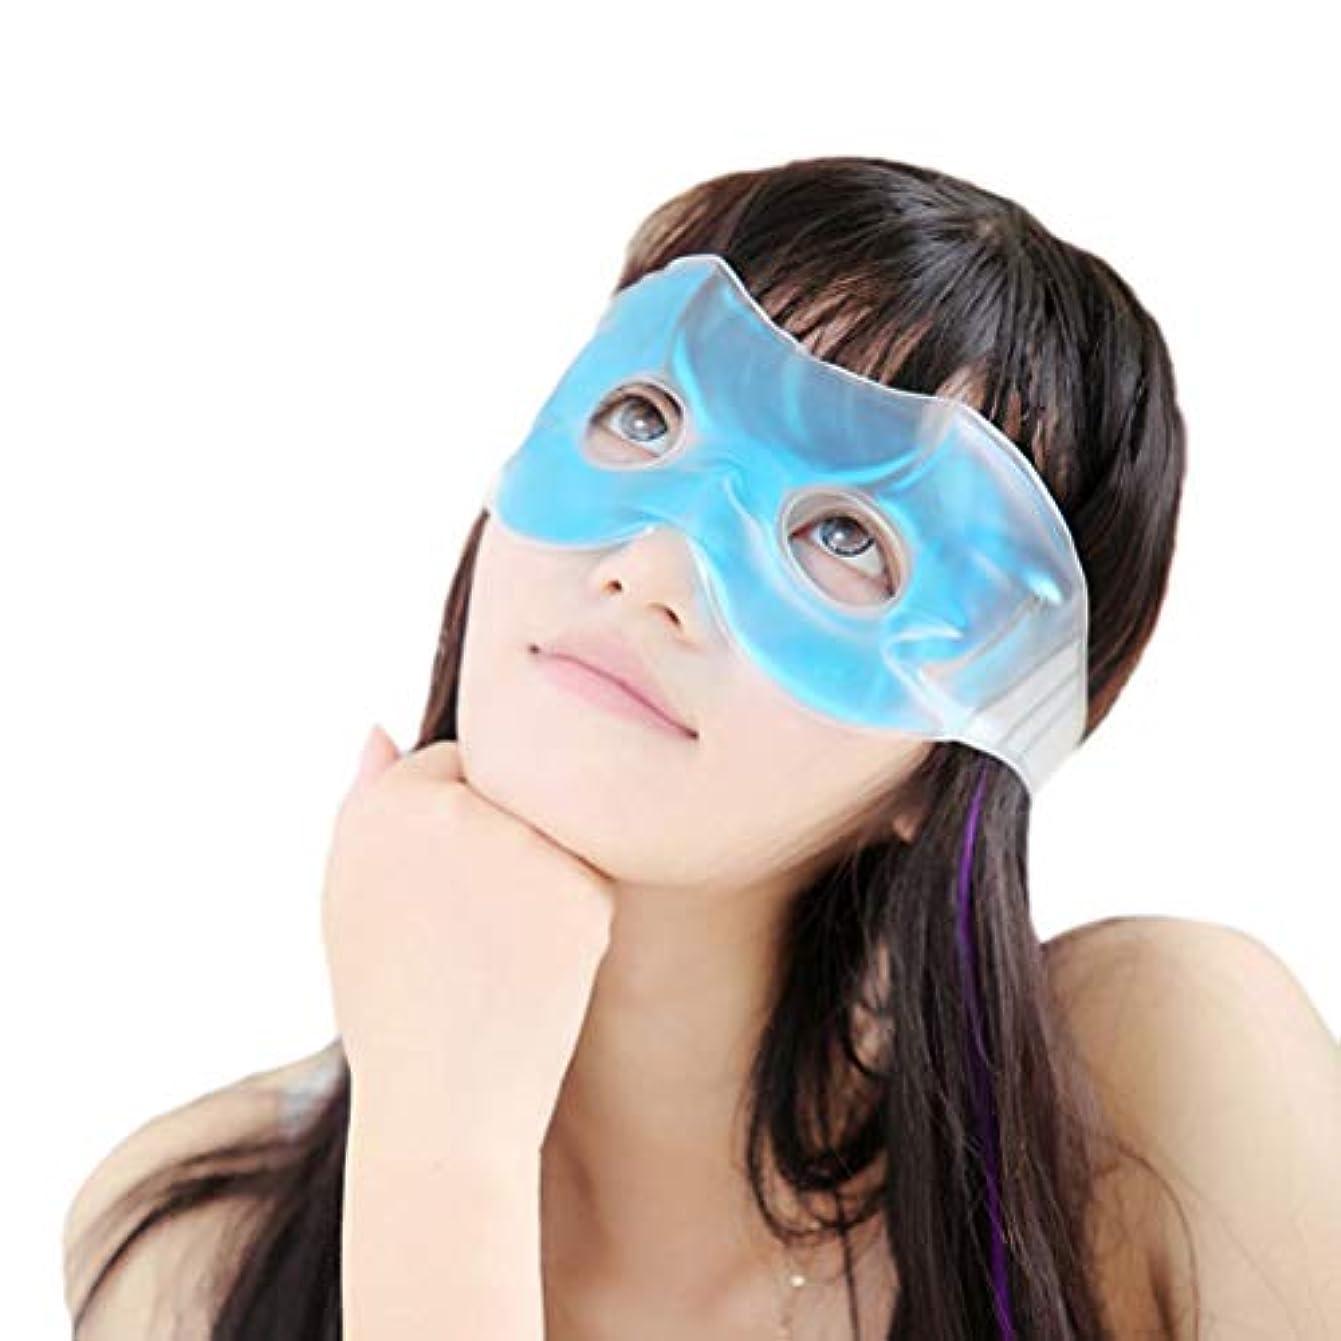 見込み福祉富豪Healifty アイマスク ゲル アイスパッド アイスアイマスク 目隠し リラックス 冷却 パック 再使用可能 目の疲れ軽減 安眠 血行促進